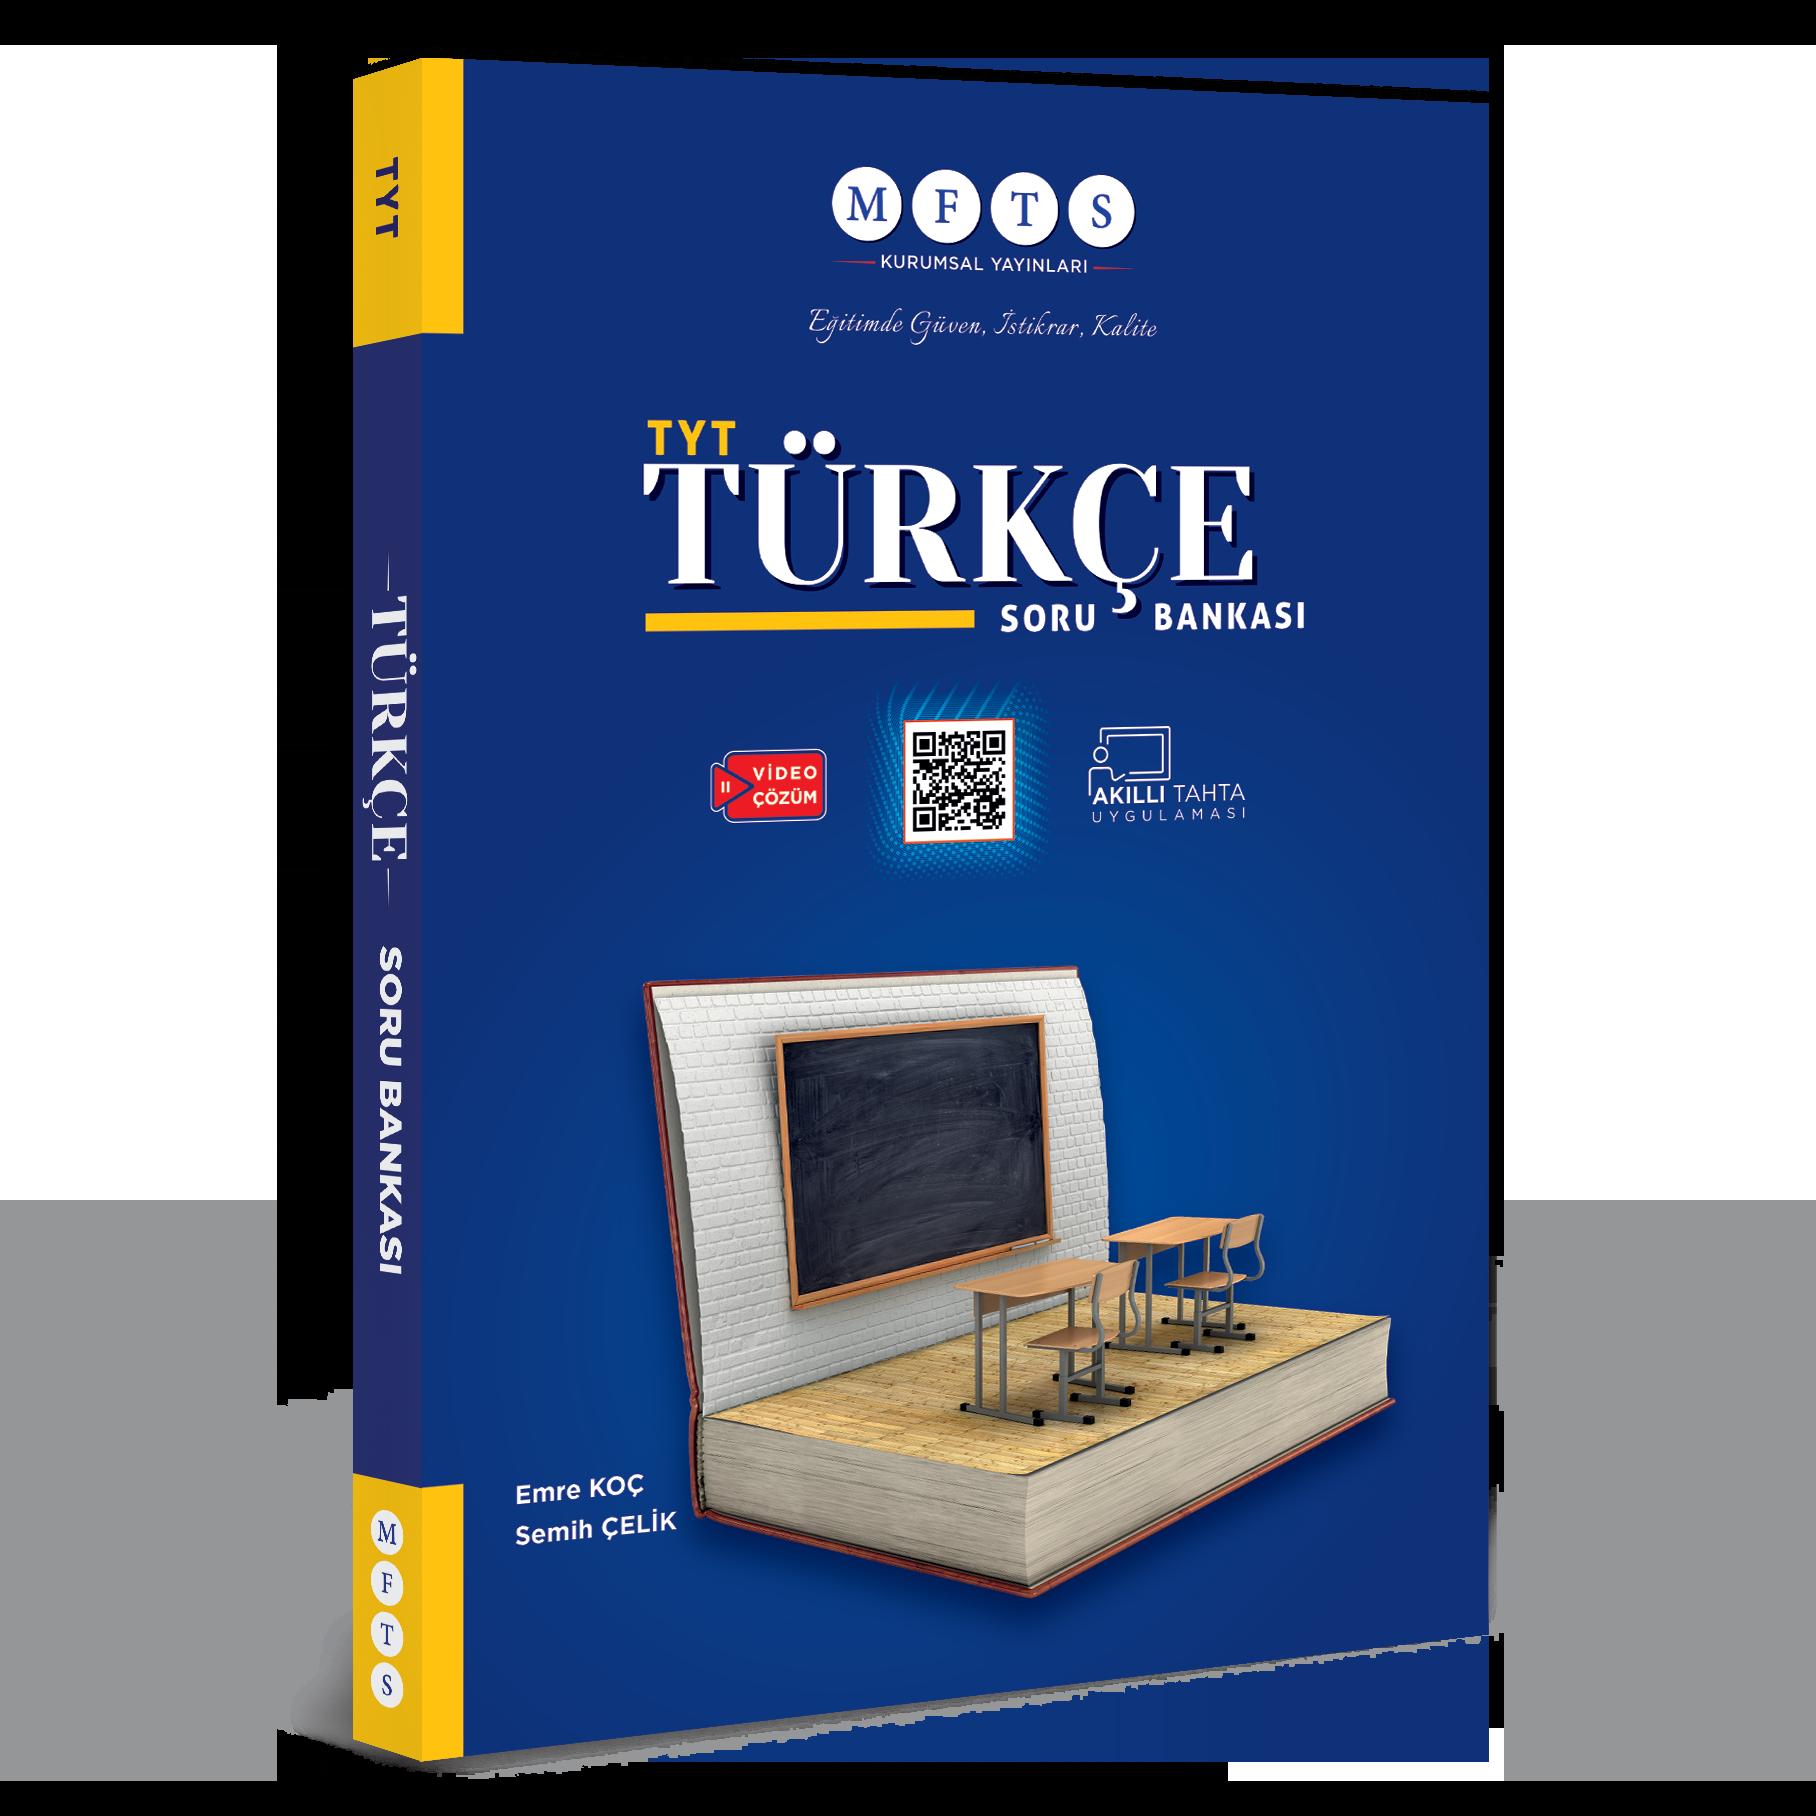 fenbilimlerimerkezi.net yayinlar: TYT Türkçe Soru Bankası